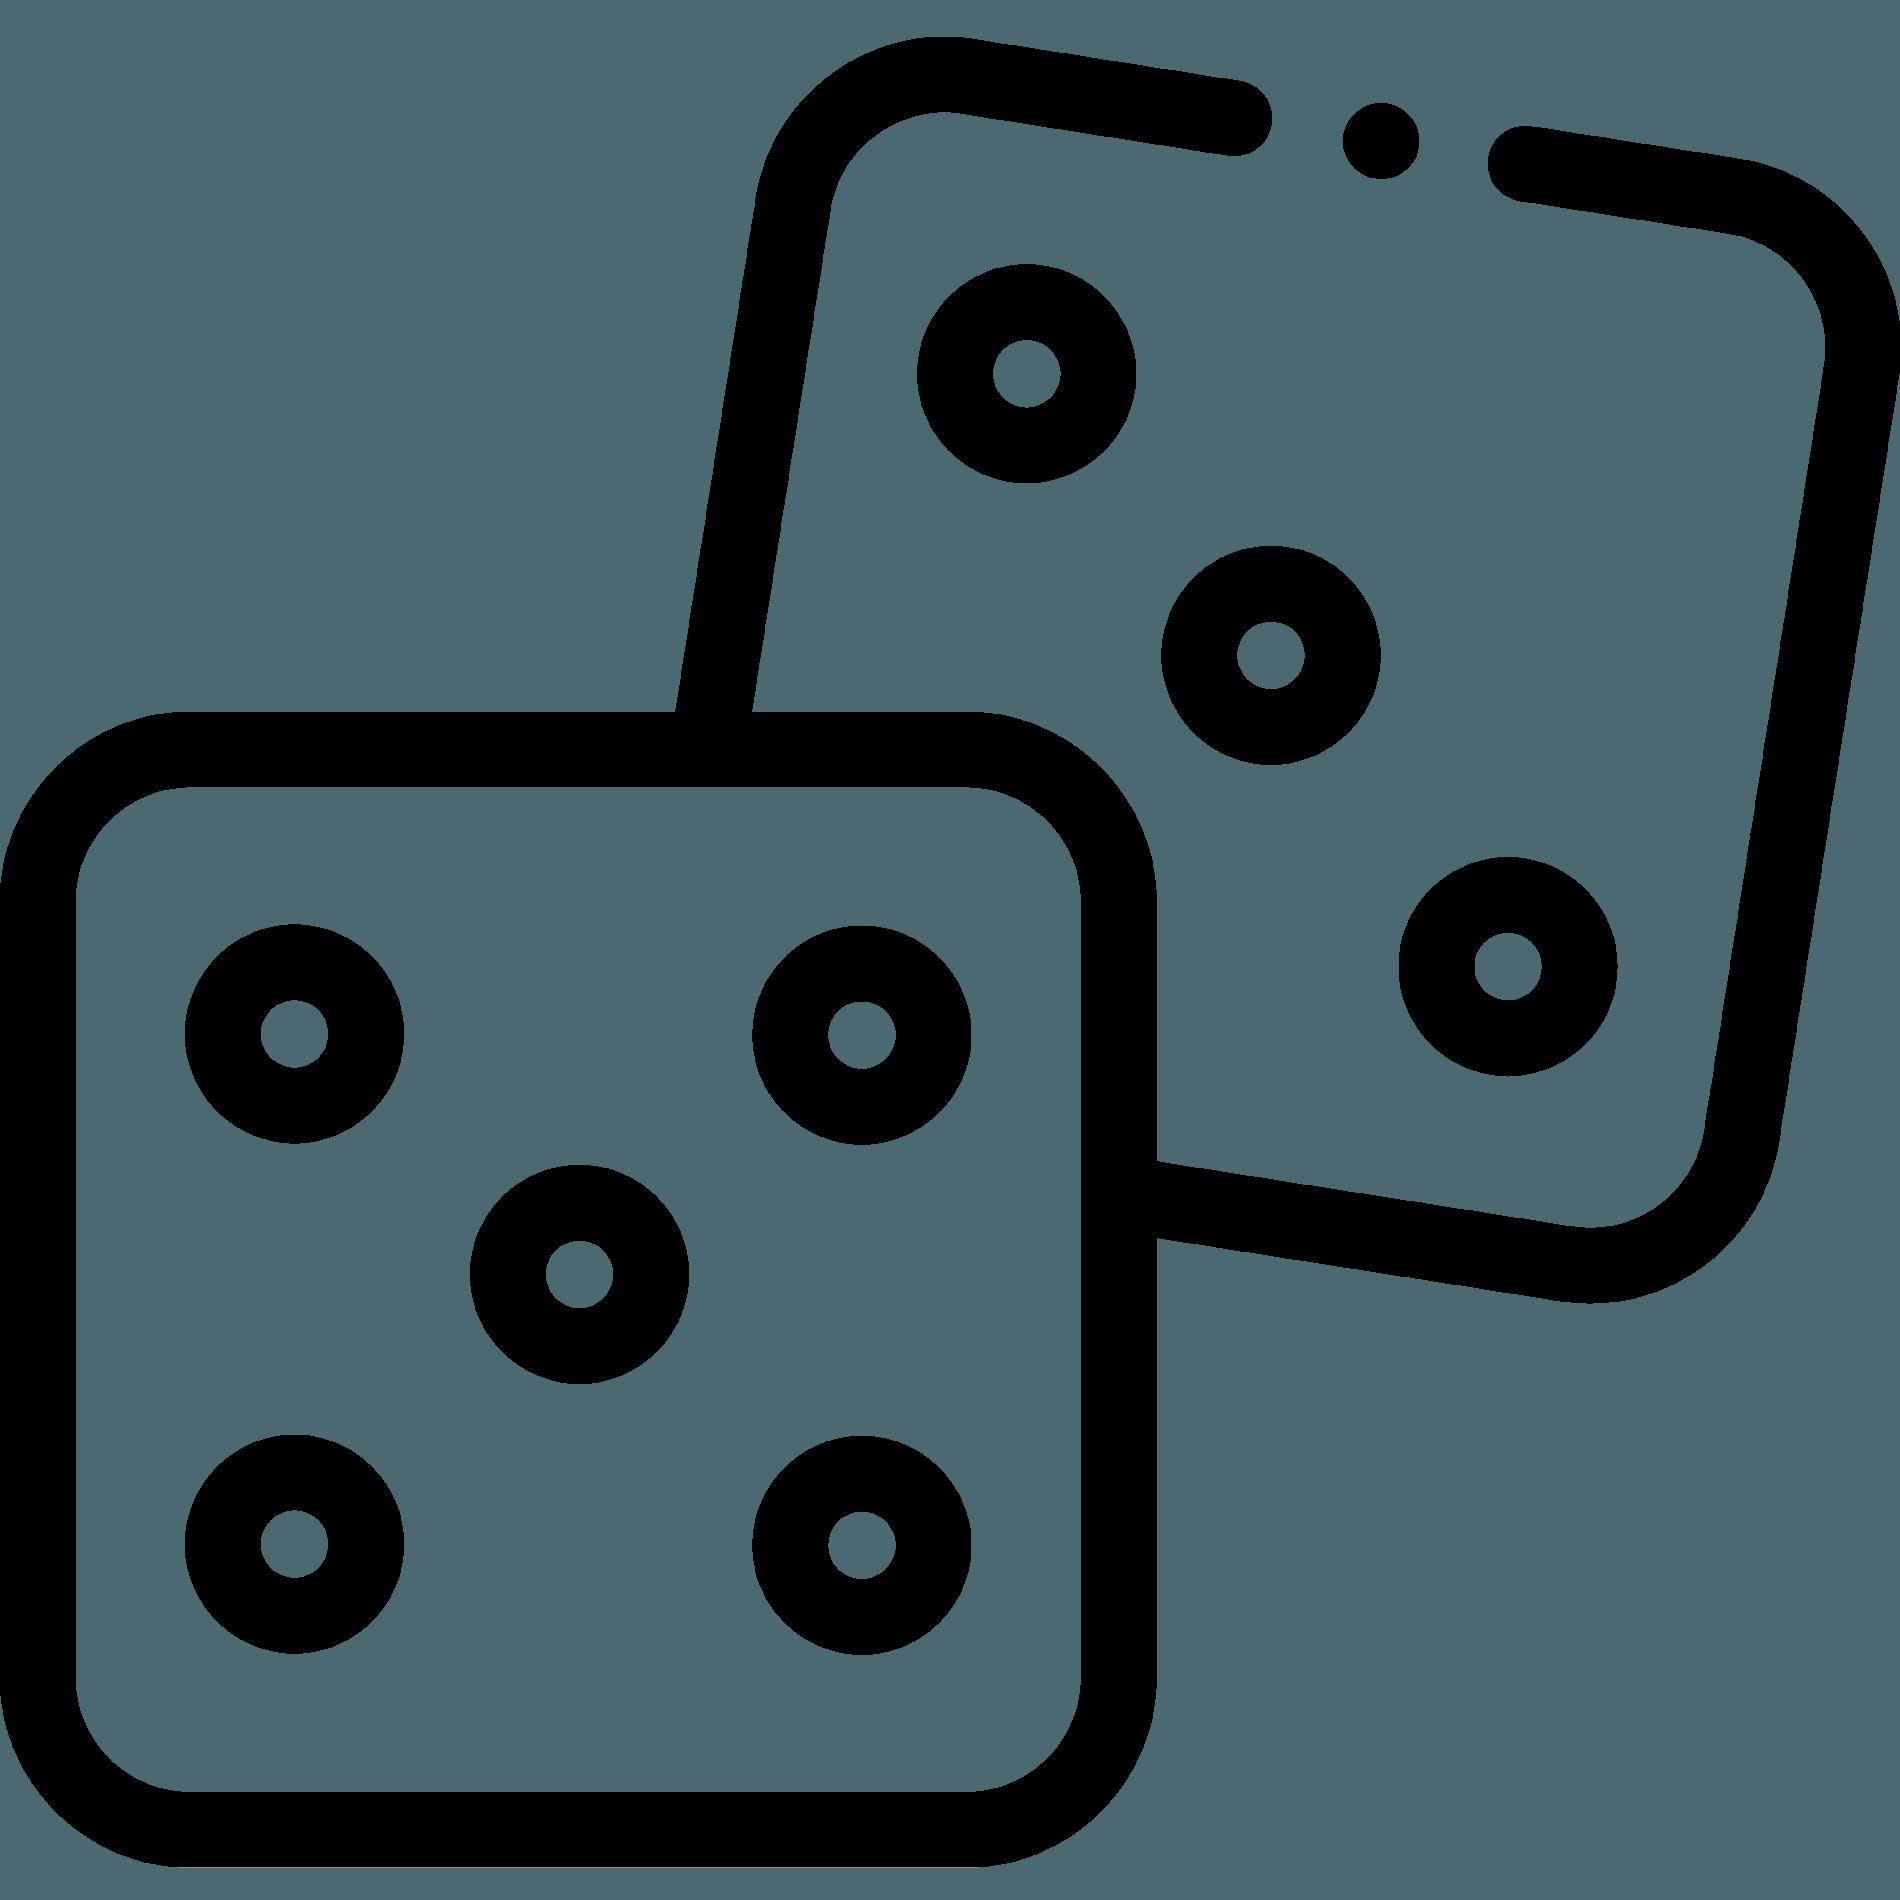 Jeux de sociétés, babyfoot, billard, jeux vidéos